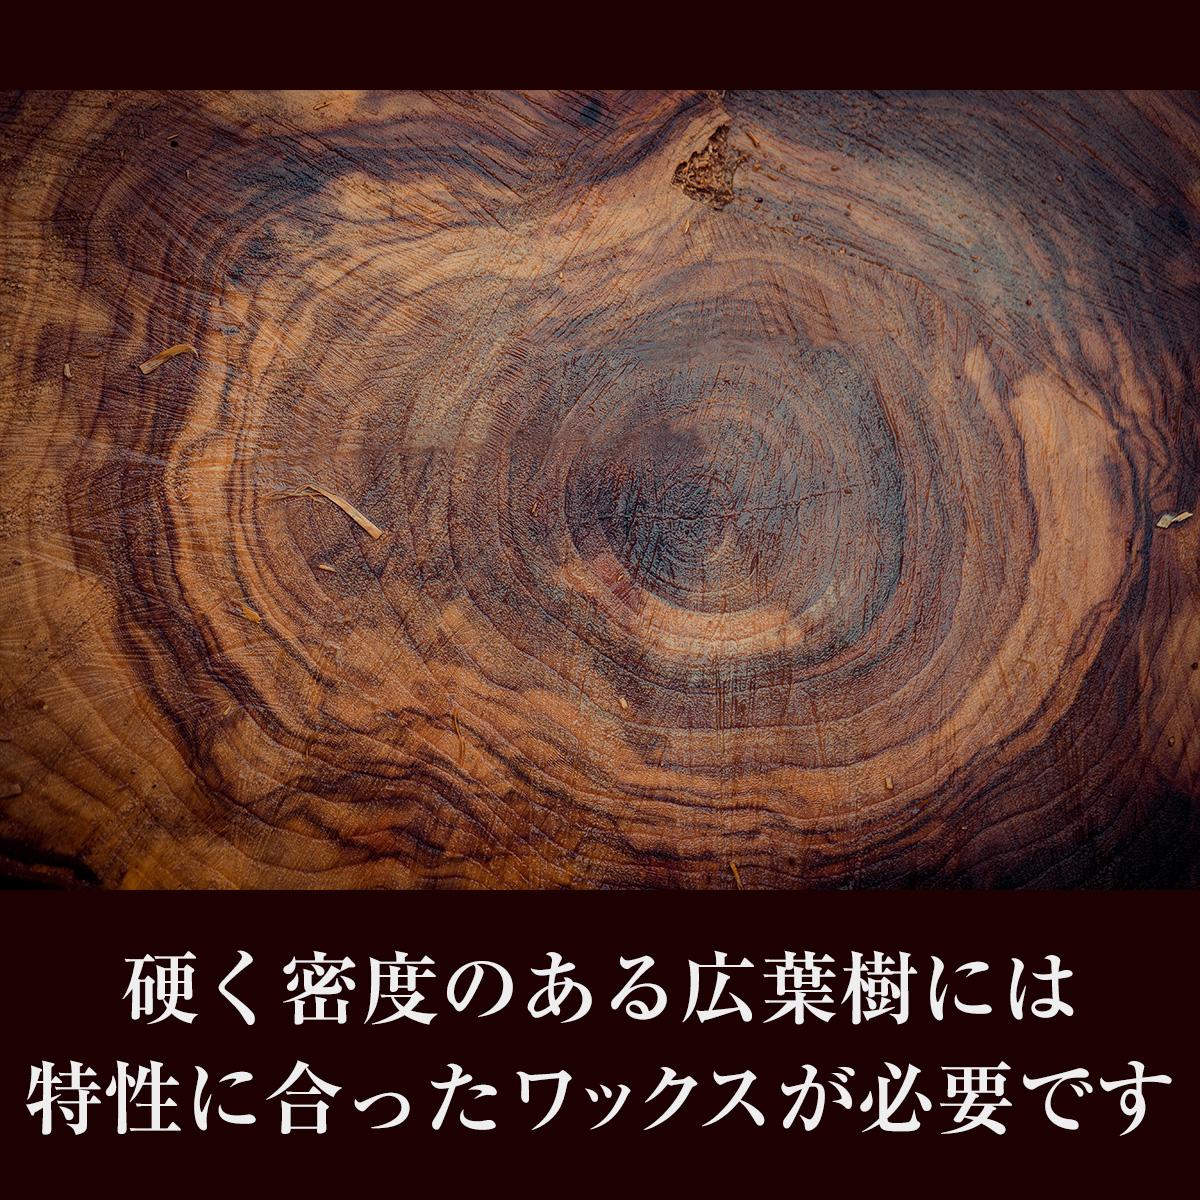 硬く密度のある広葉樹には特性に合ったワックスが必要です